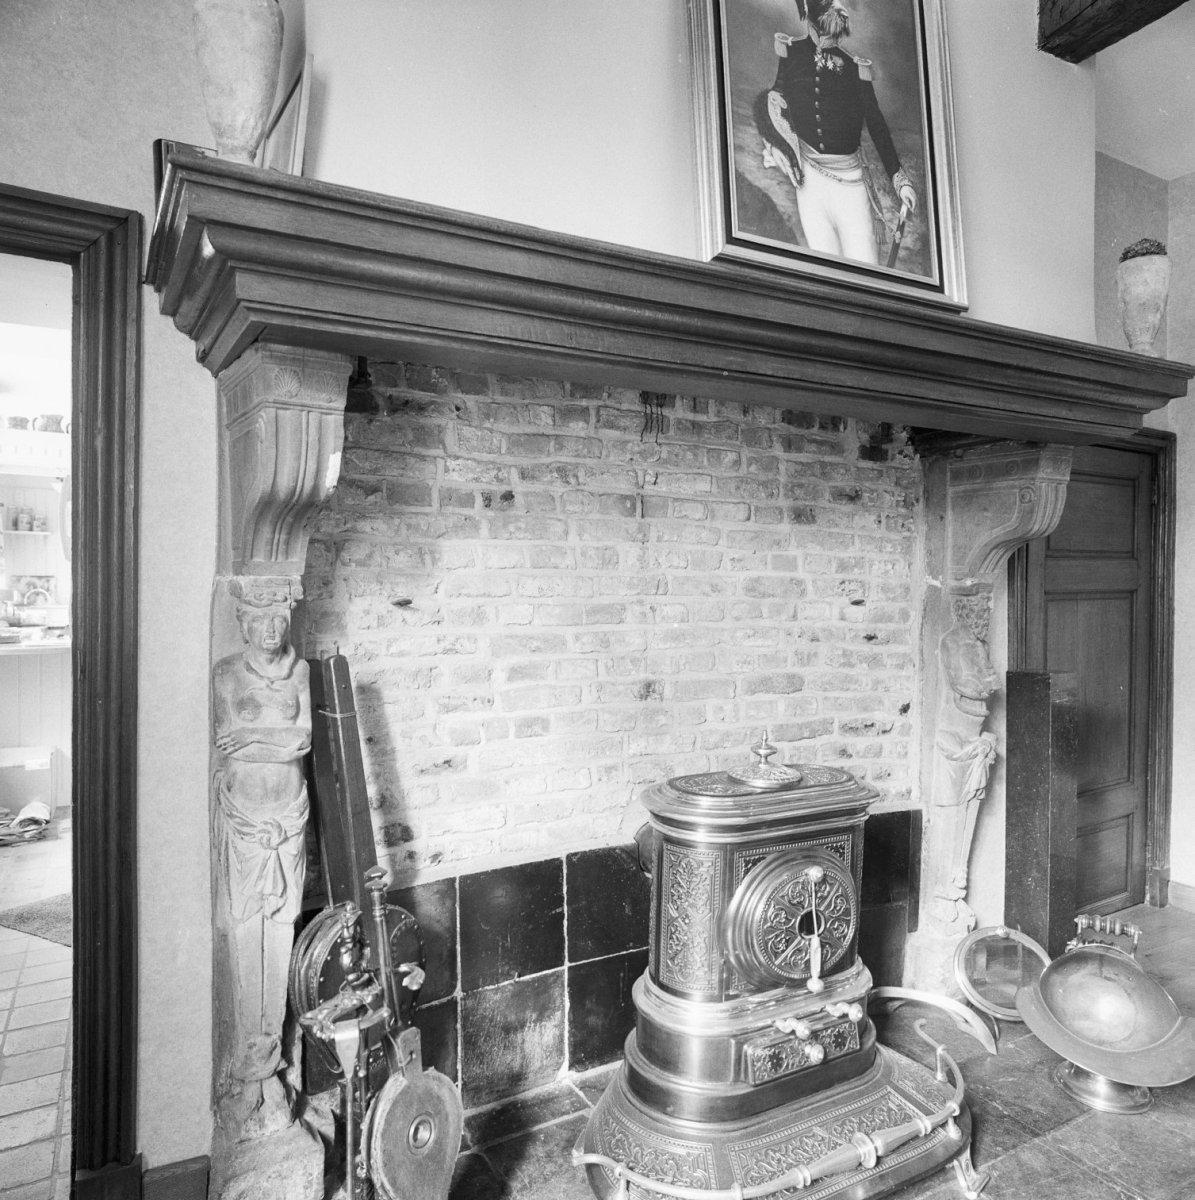 File interieur oude keuken schouw met natuurstenen beelden cadier en keer 20329896 rce - Keuken in het oude huis ...